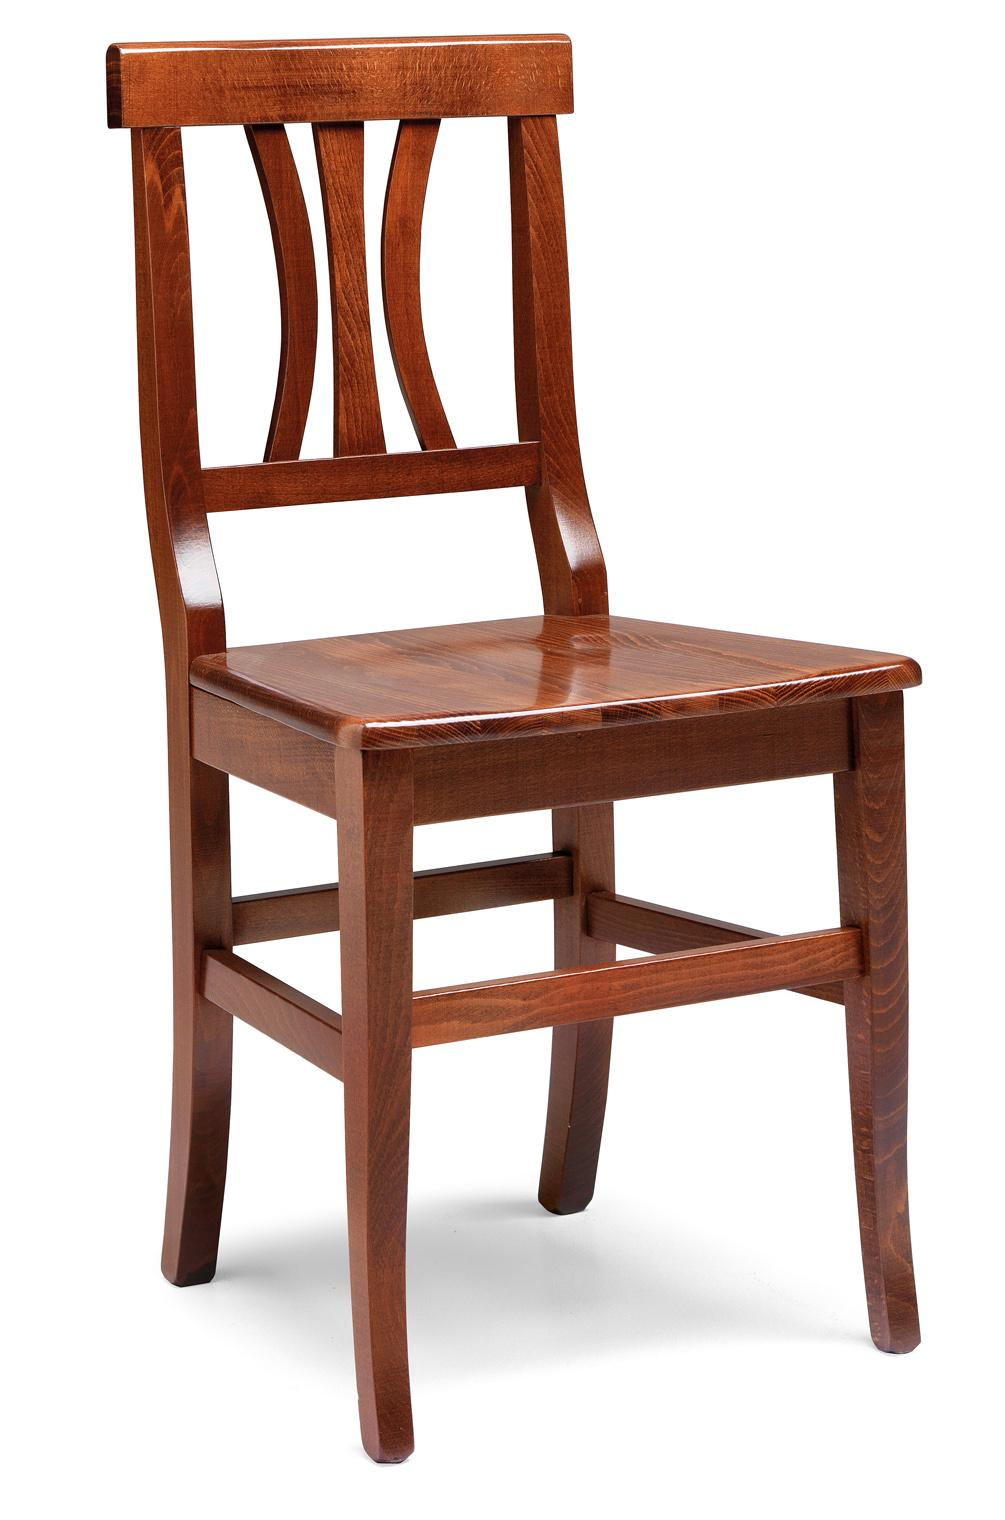 Sedie da cucina design 4 0 10000 0 pezzi for Sedie di design in legno